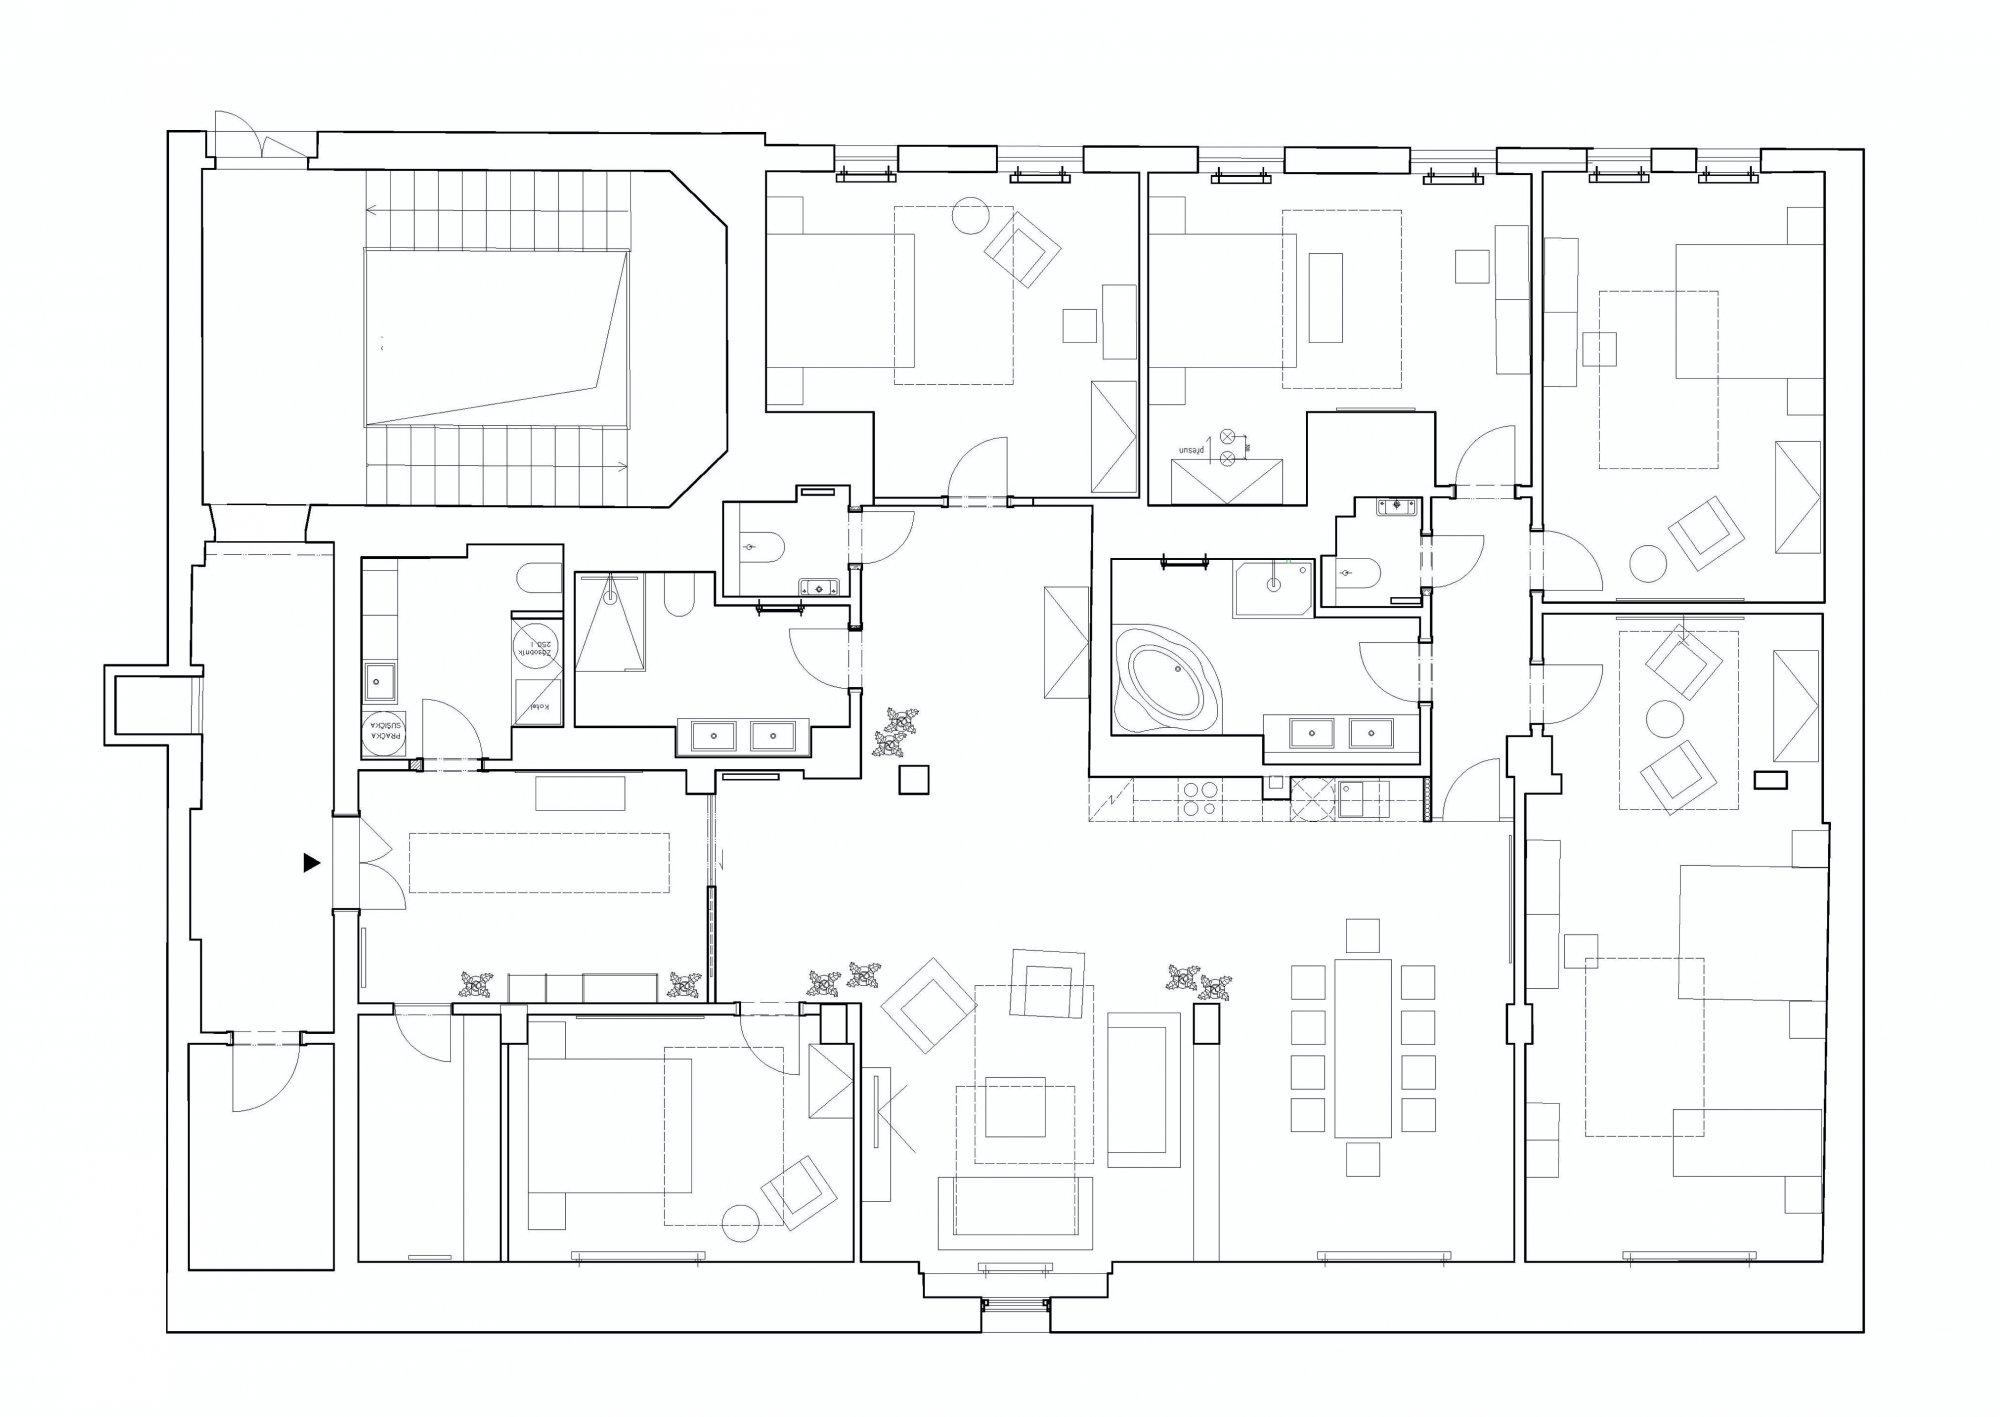 Půdorys - Půdní byt 6+kk, plocha 247 m², ulice U Bulhara, Praha 1 - Nové Město